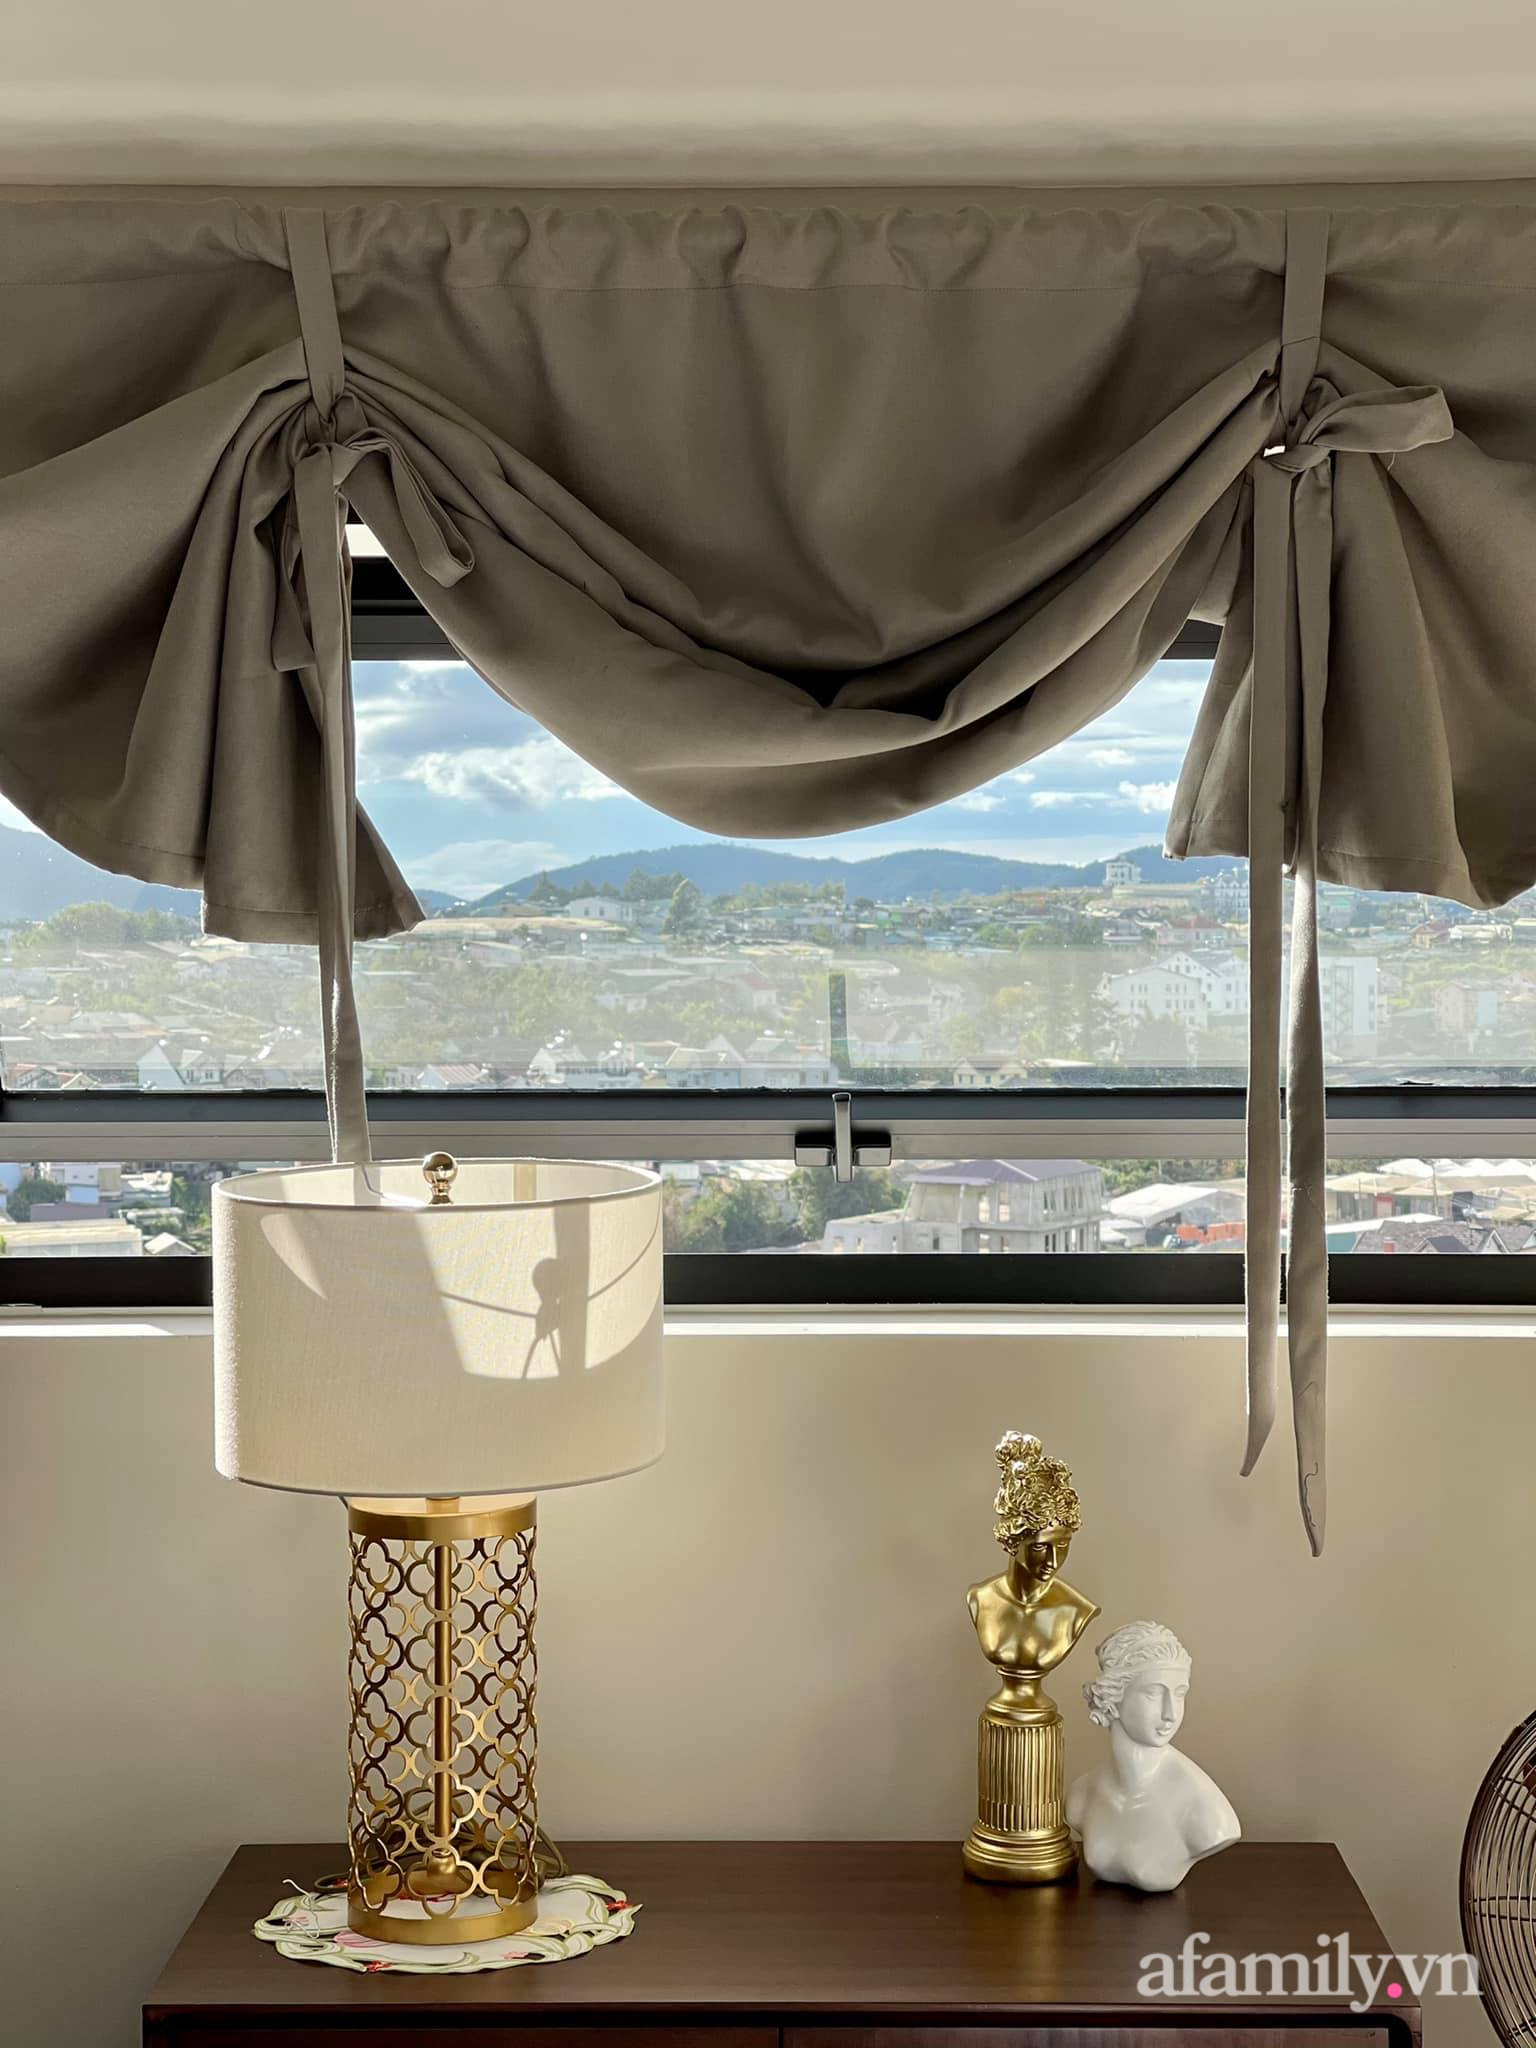 """Căn nhà """"siêu phẩm"""" view toàn cảnh Đà Lạt, nhưng điều khiến ai cũng ngỡ ngàng chính là nội thất bên trong - Ảnh 28."""